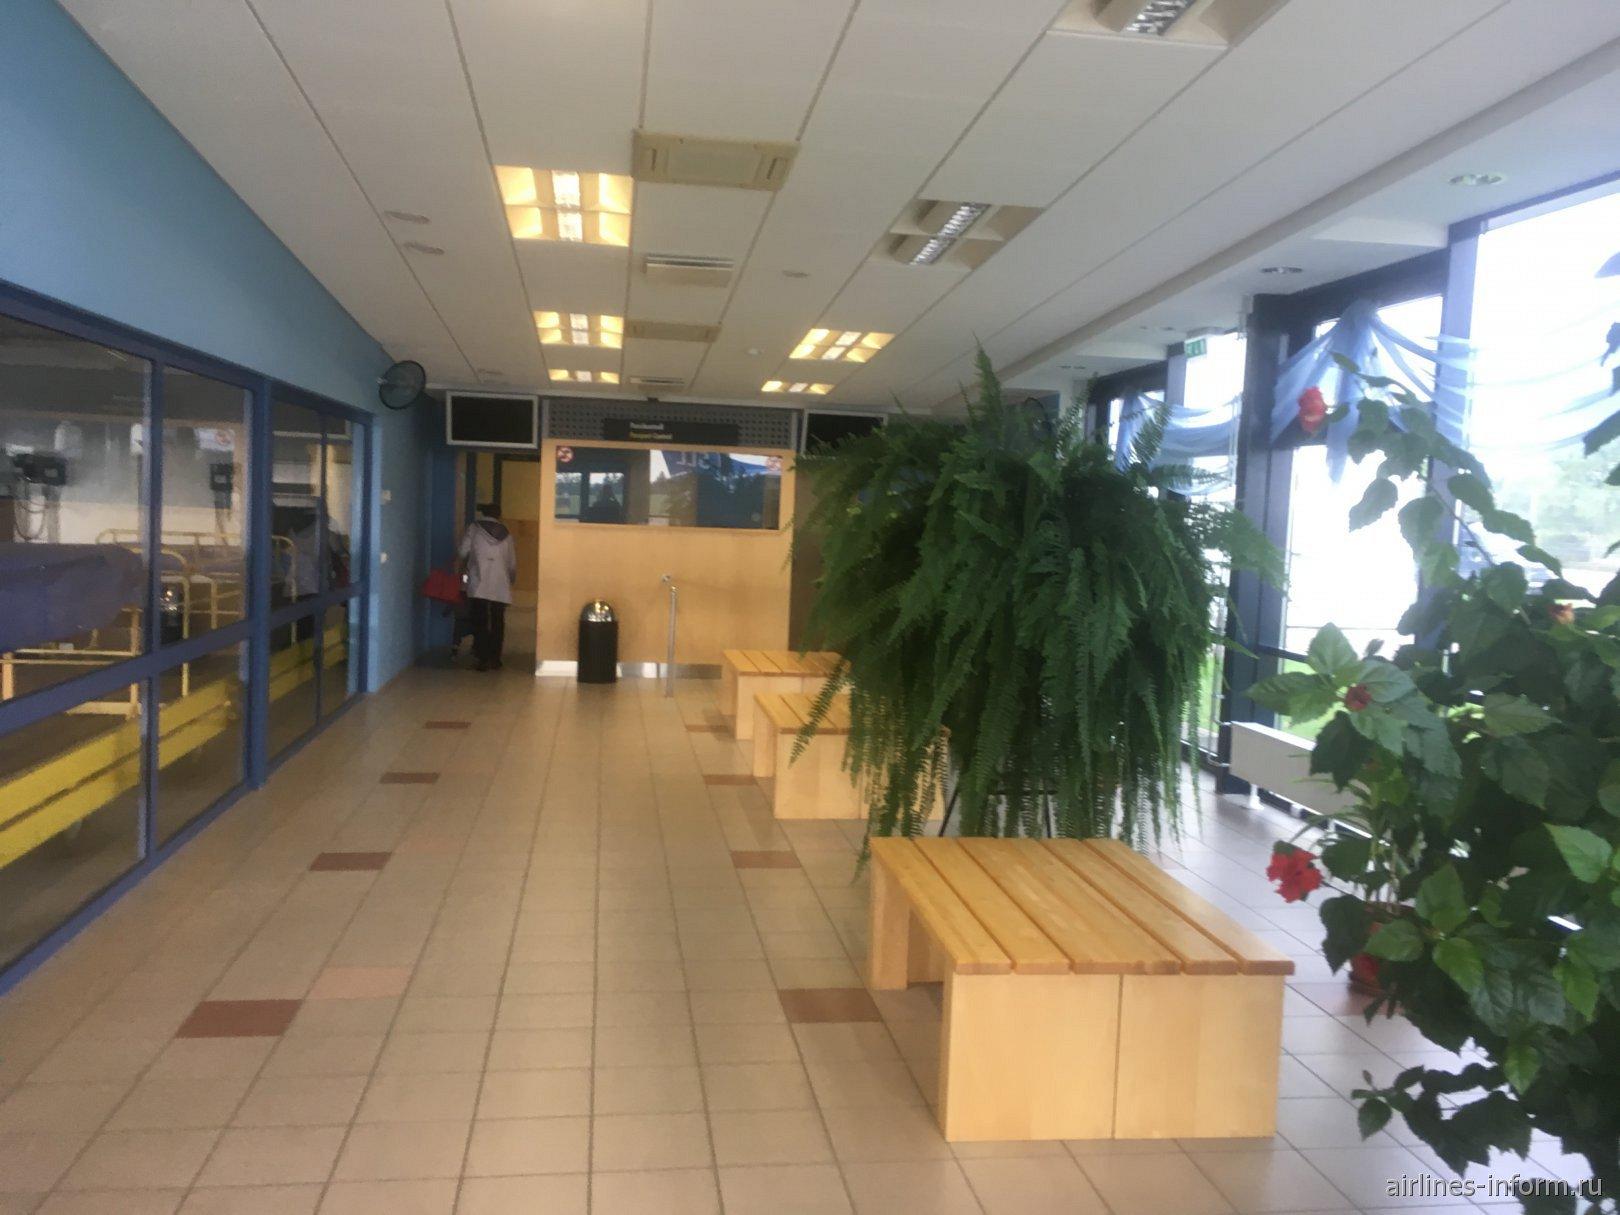 Внутри аэровокзала аэропорта Курессааре